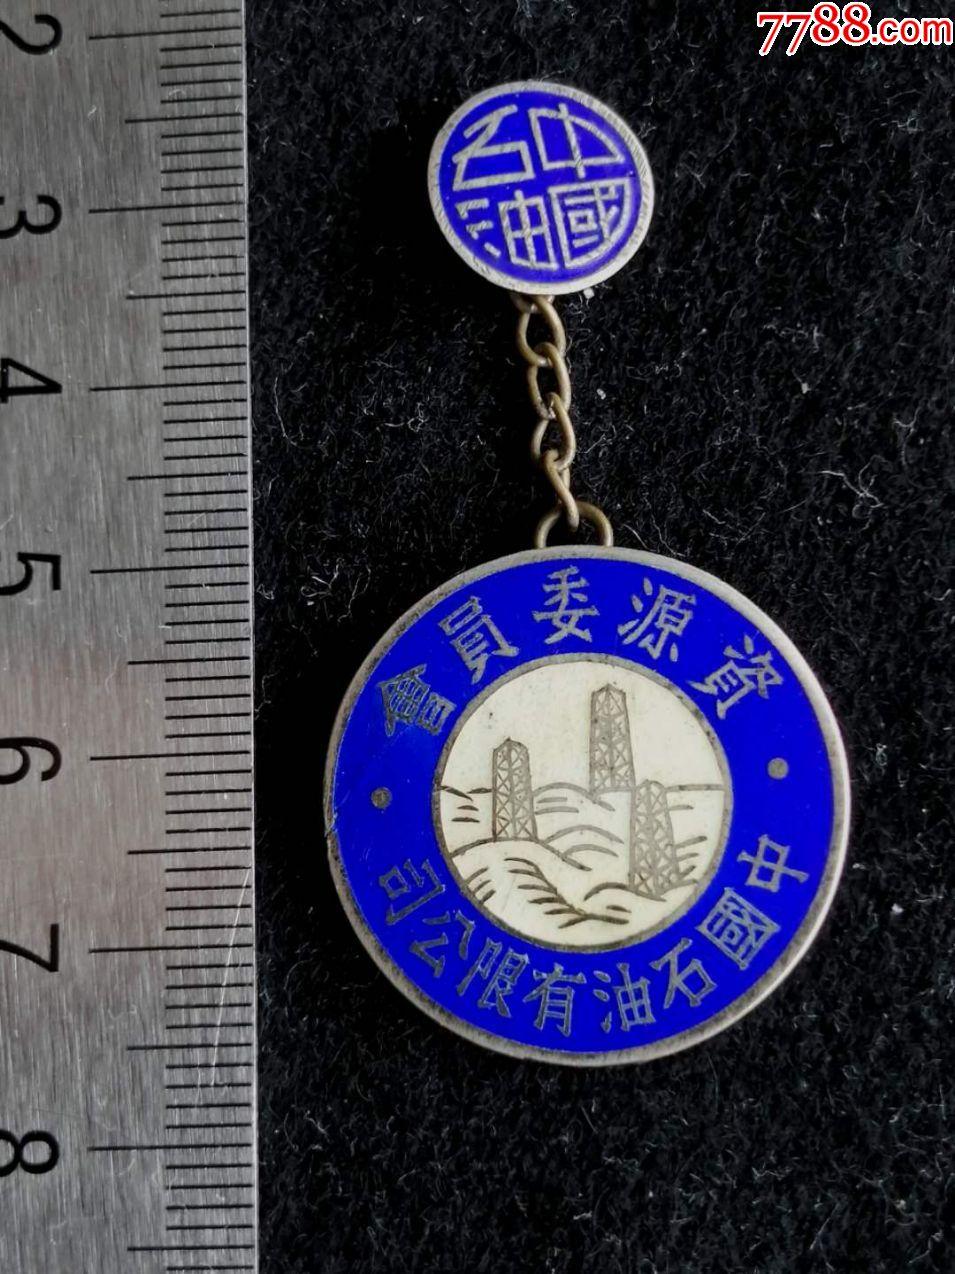 民国时期银质珐琅资源委员会中国石油有限公司证章(au20151296)_